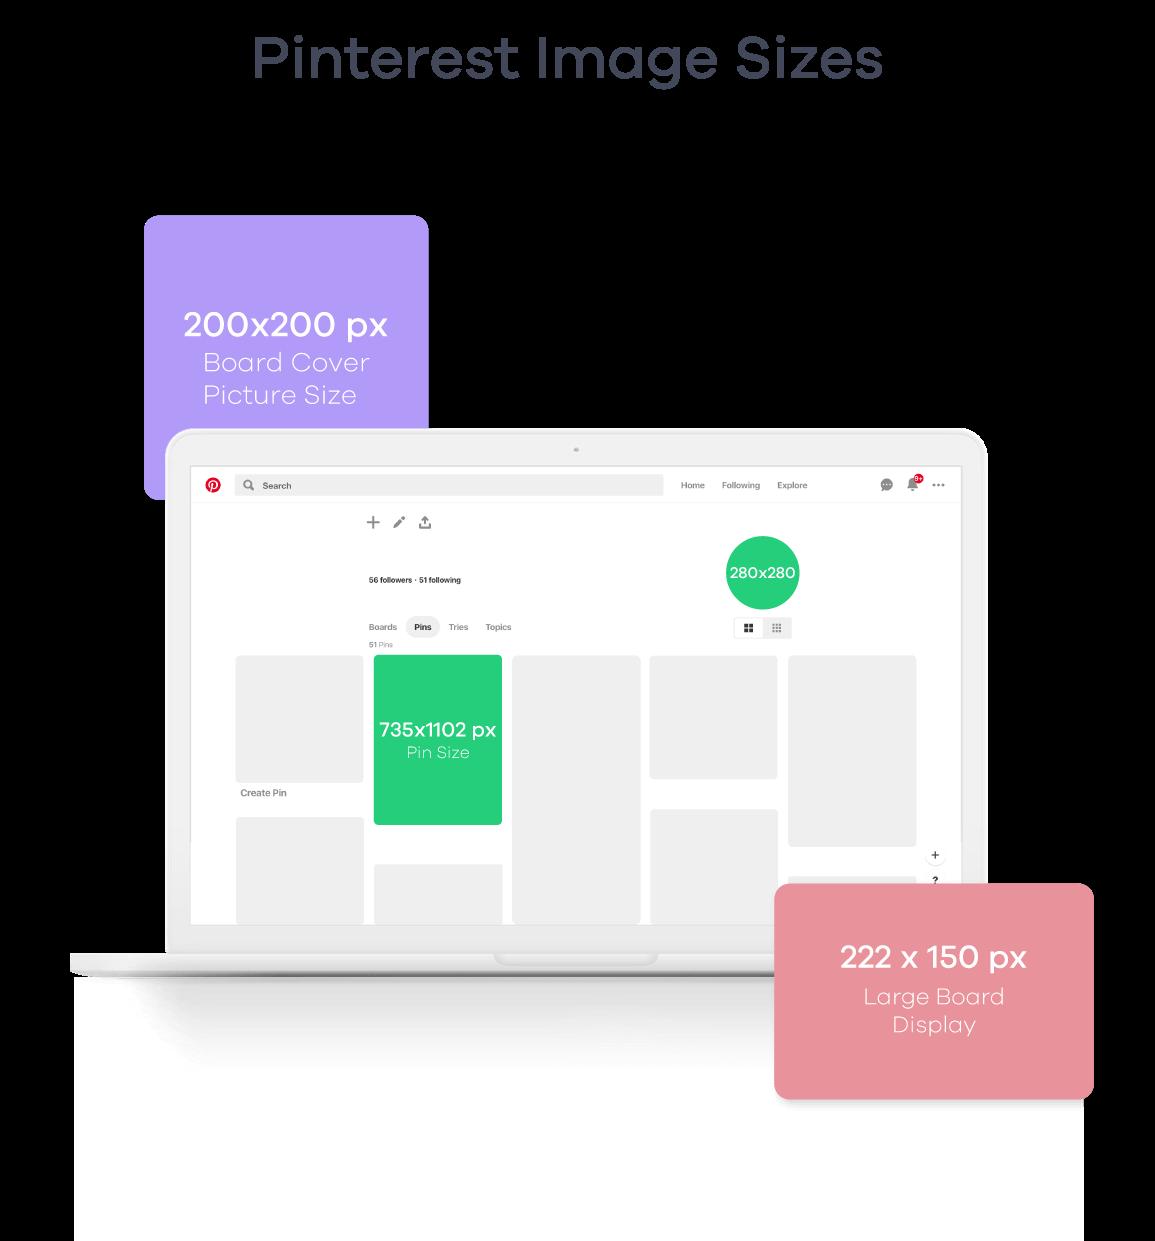 Pinterest Image Sizes 2019